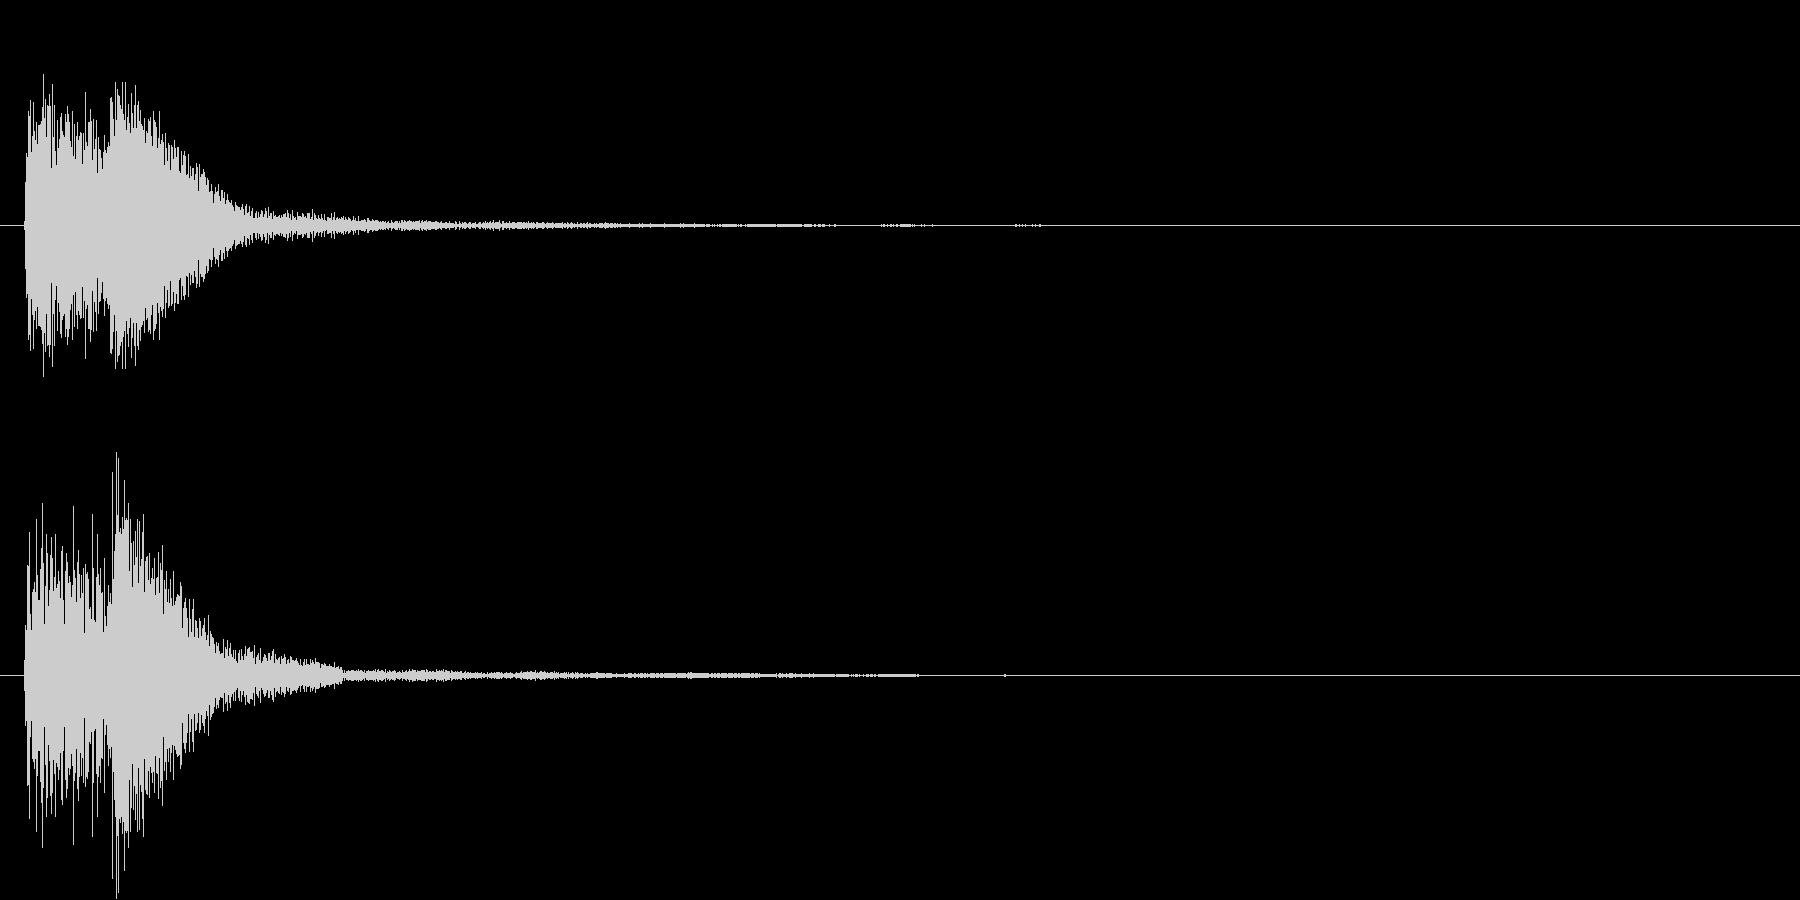 ピアノによるクリック音の未再生の波形